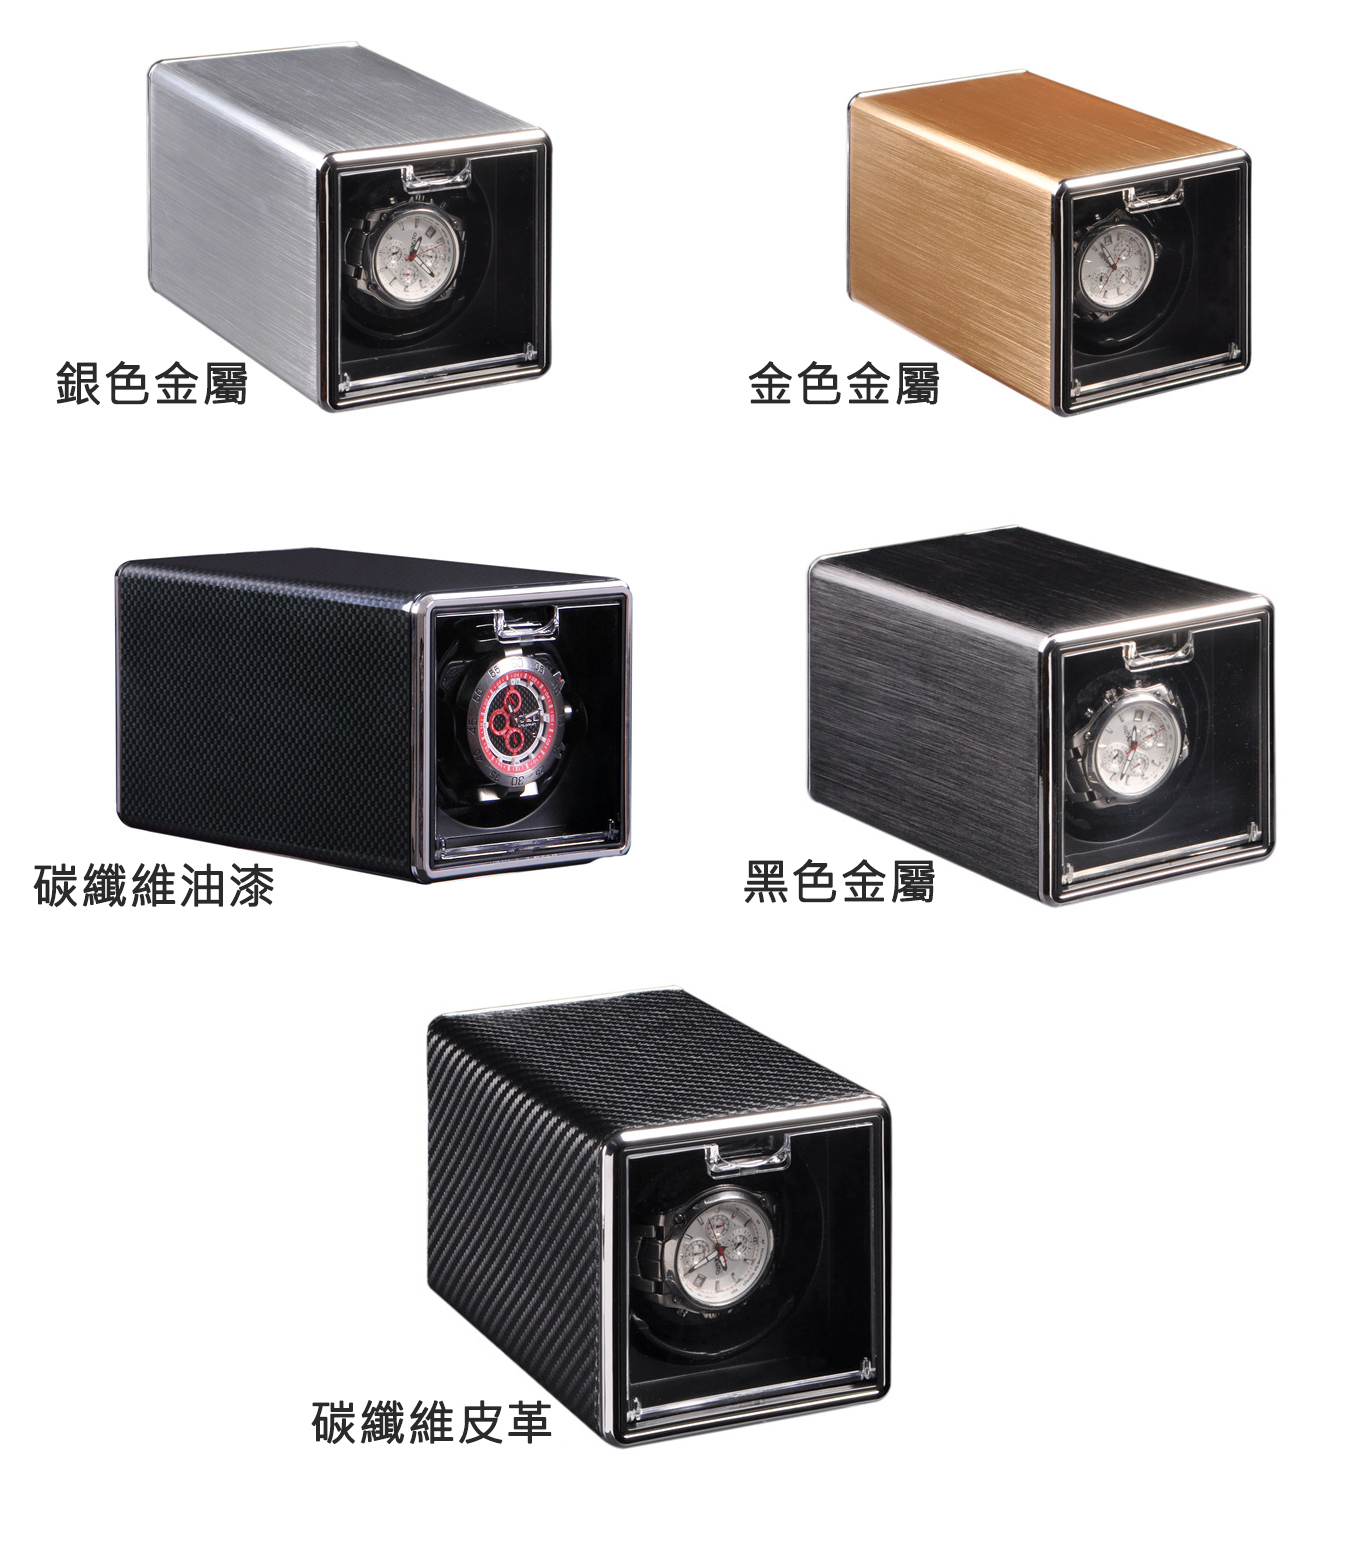 錶盒 INTIME 單錶位自動上鏈自轉錶盒 - Outlet Express HK生活百貨城